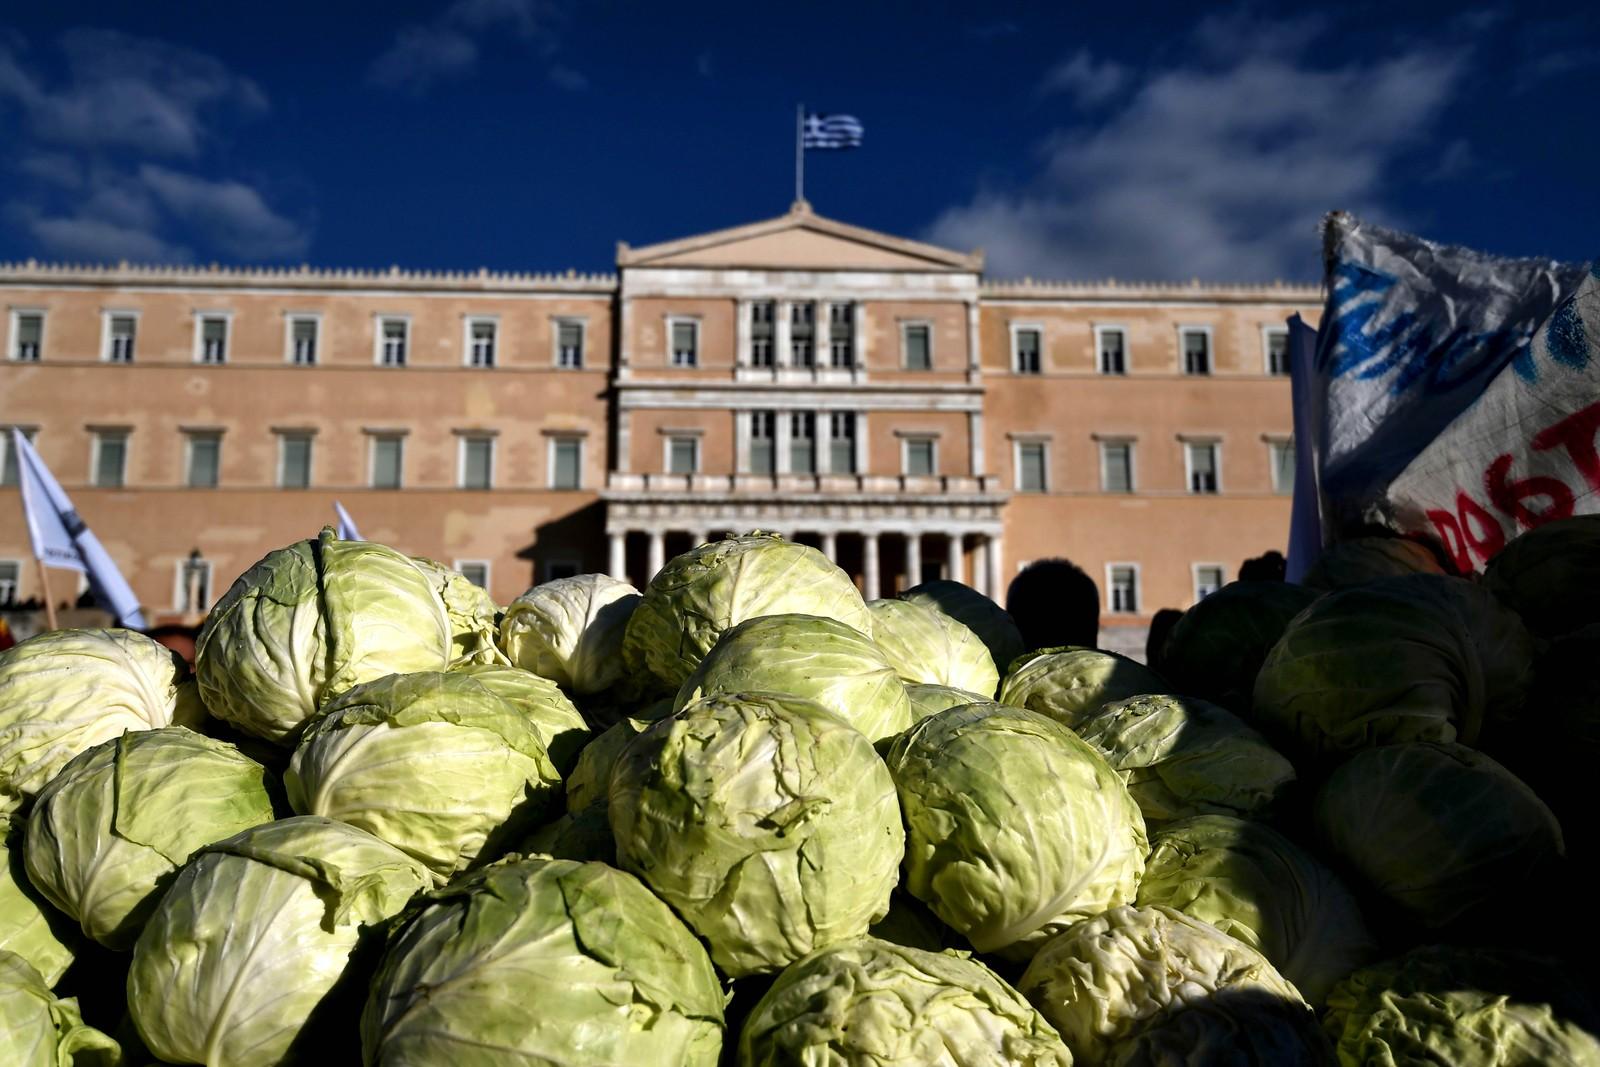 Greske bønder tok med en haug med kålhoder som en protest mot økte skatter.